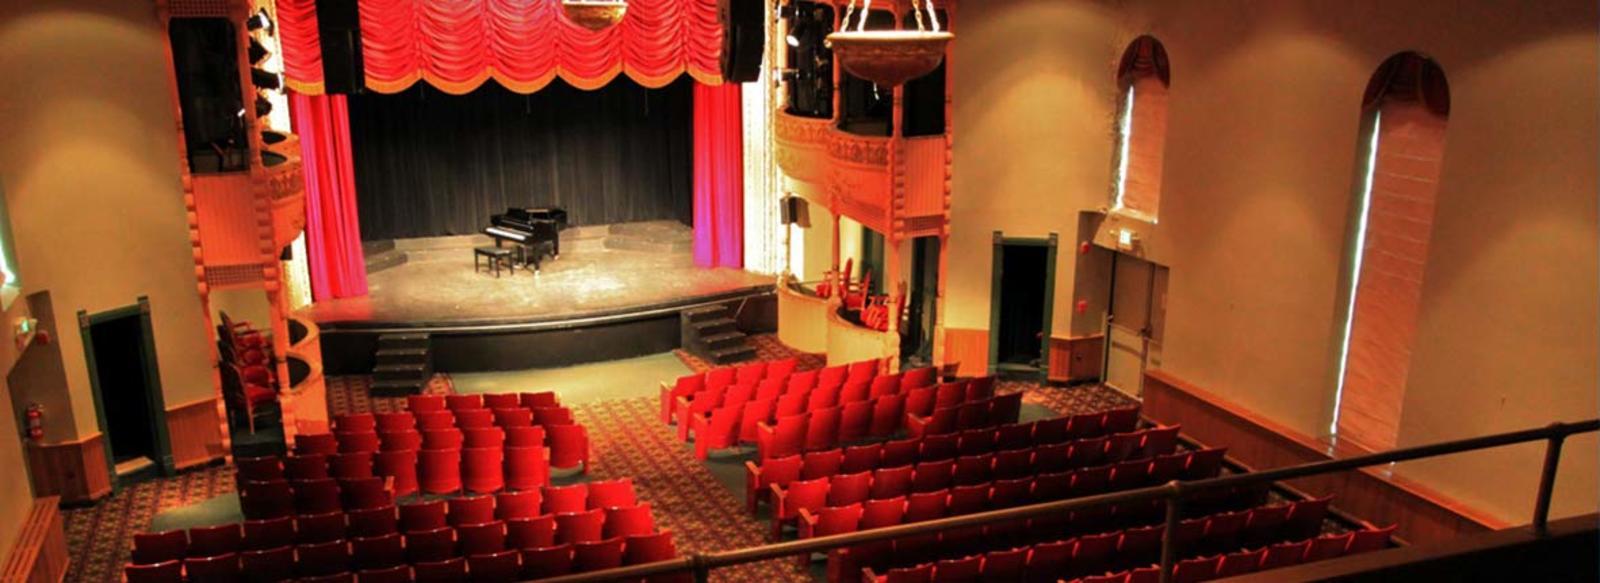 Memorial-Opera-House-Valparaiso